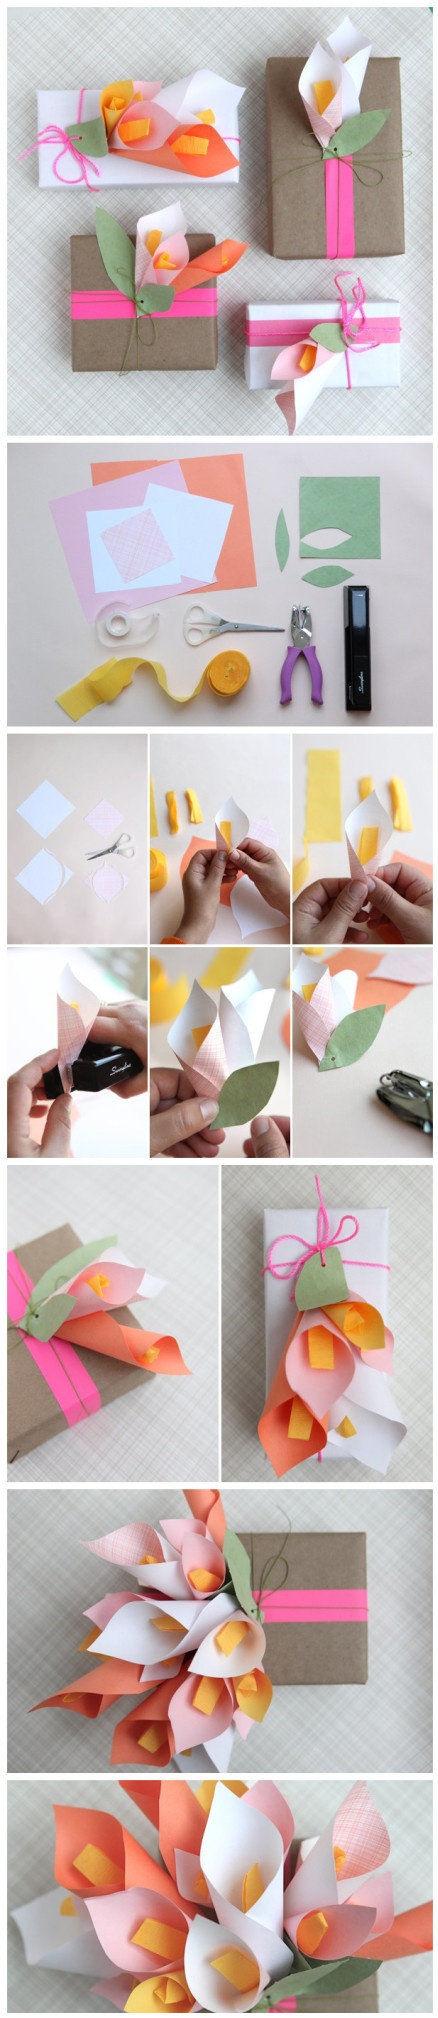 DIY Craft Gift Wrap